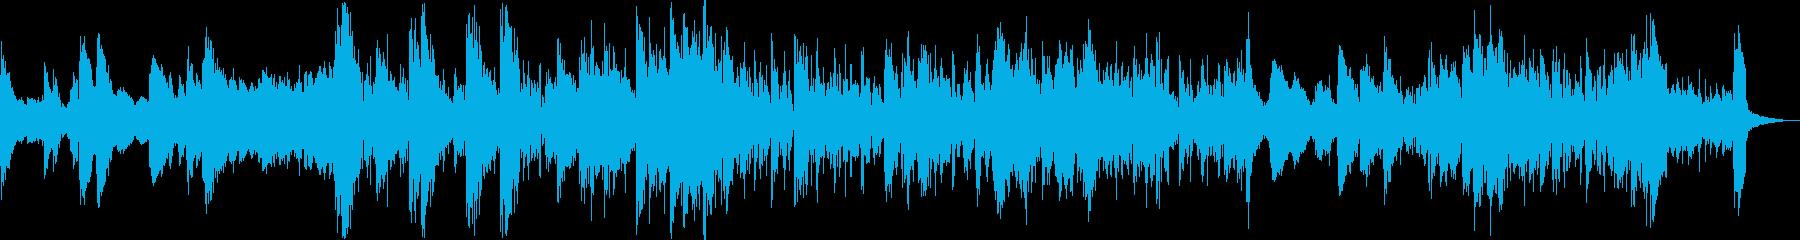 往年のジャズとエレクトロビートの融合の再生済みの波形